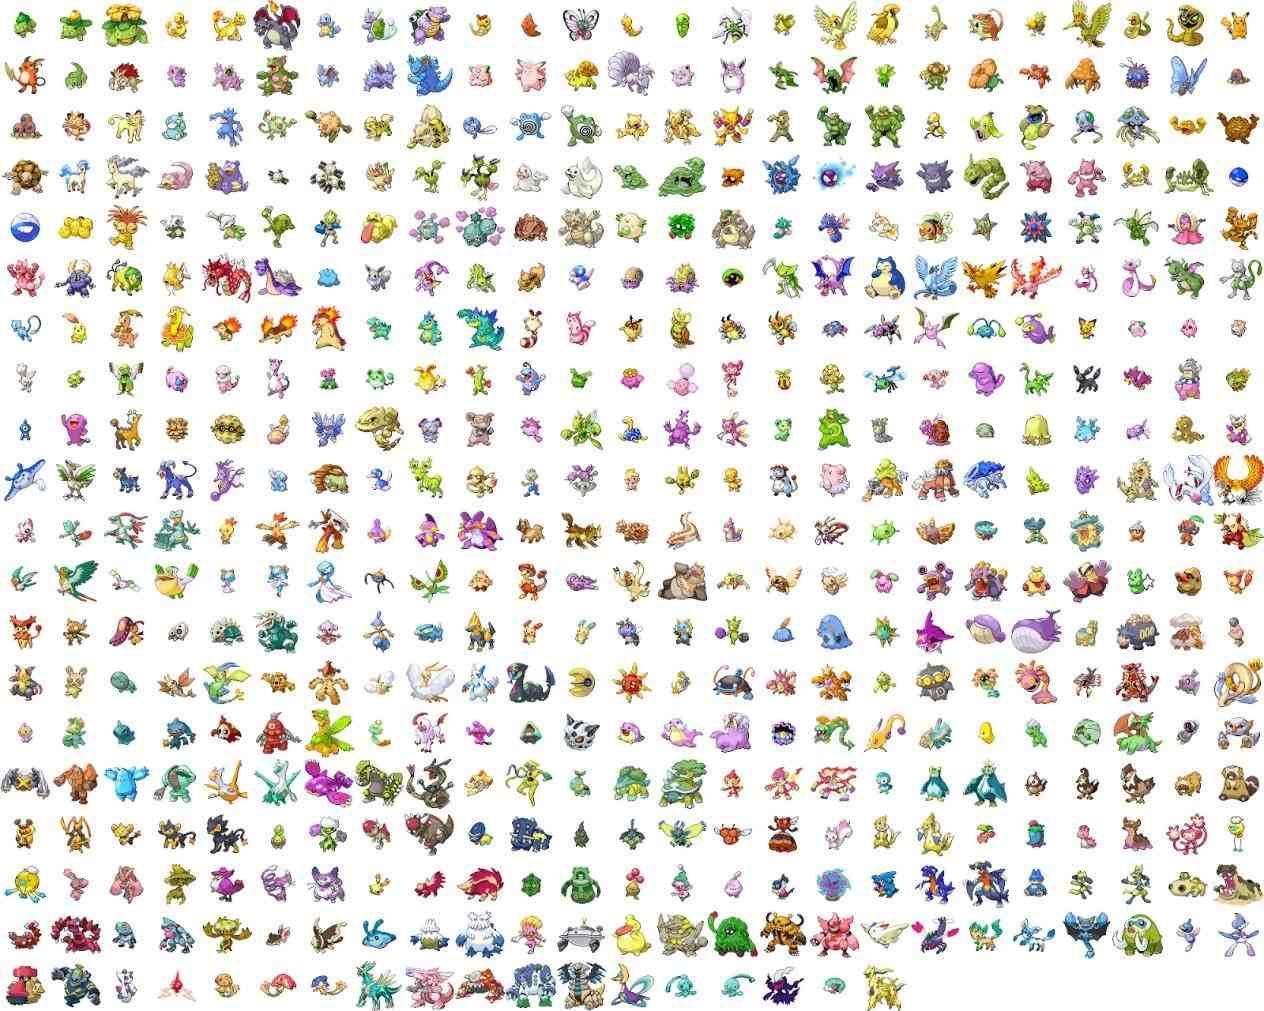 list of all shiny legendary pokemon | Rufus | Pinterest ...